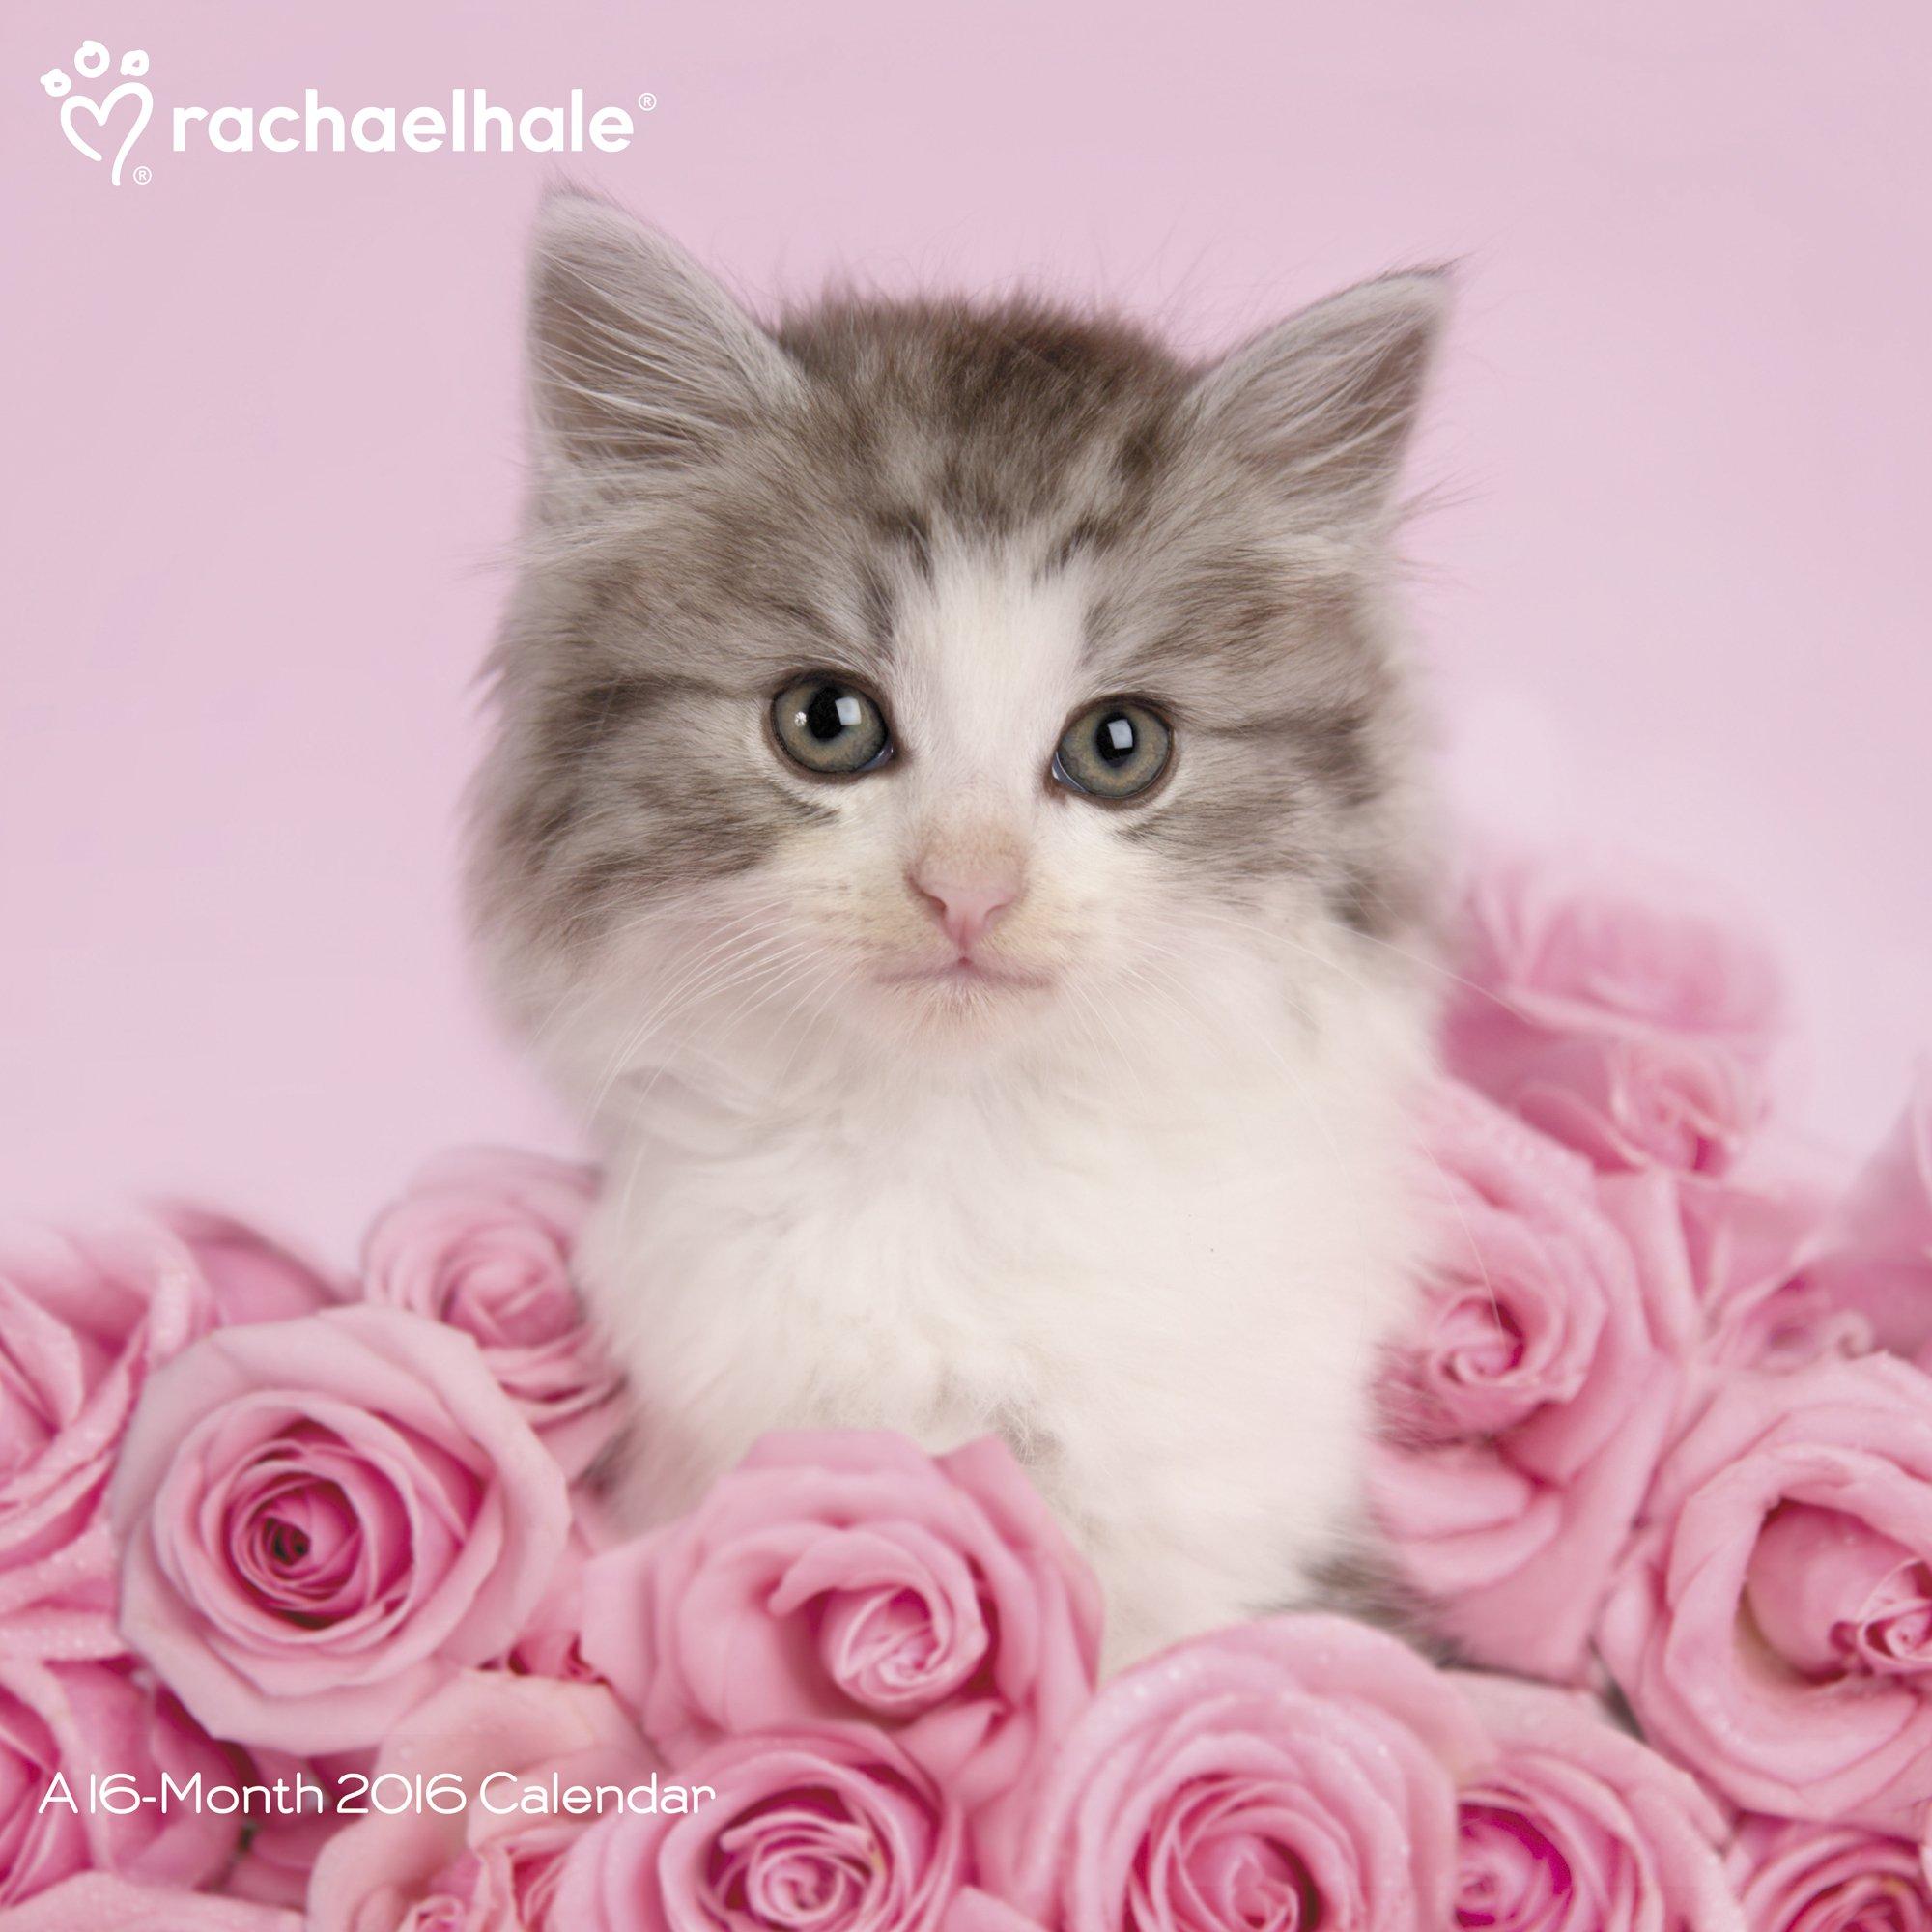 rachael hale naptár Rachael Hale Cats Wall Calendar (2016): Day Dream: 9781629051901  rachael hale naptár